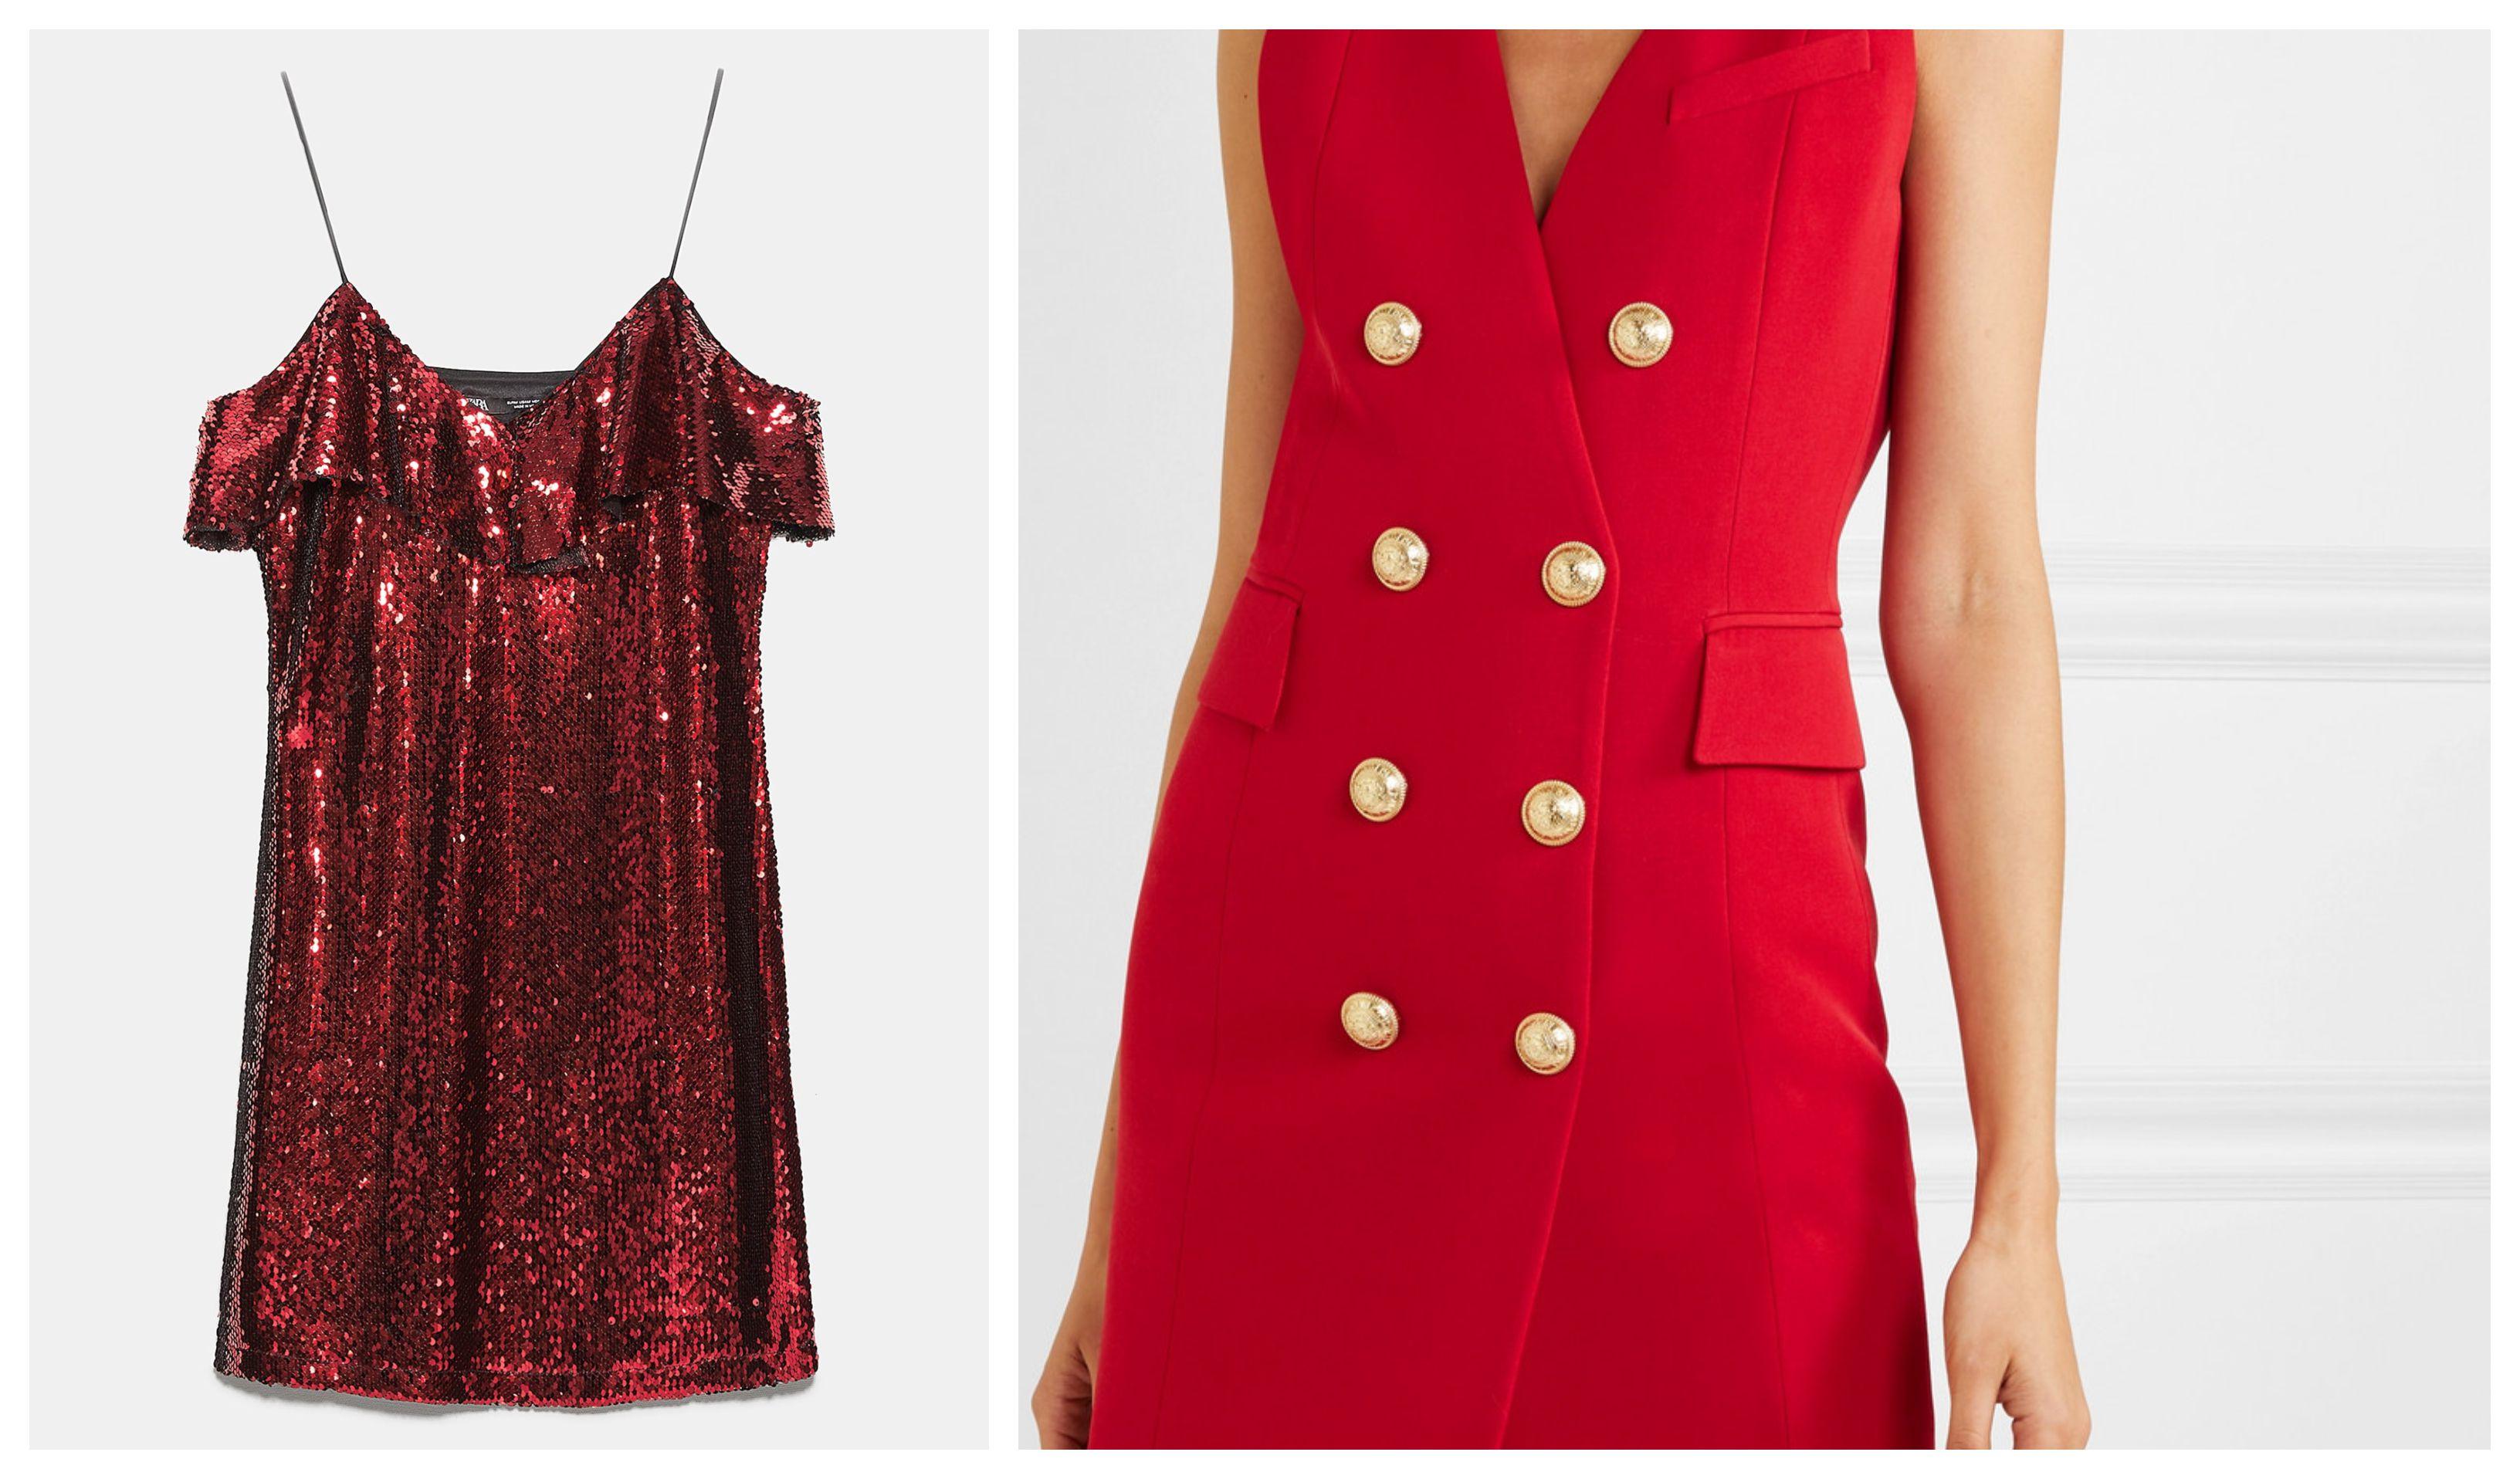 S crvenom haljinom za party ne možete pogriješiti: Pogledajte izbor sa sniženja!